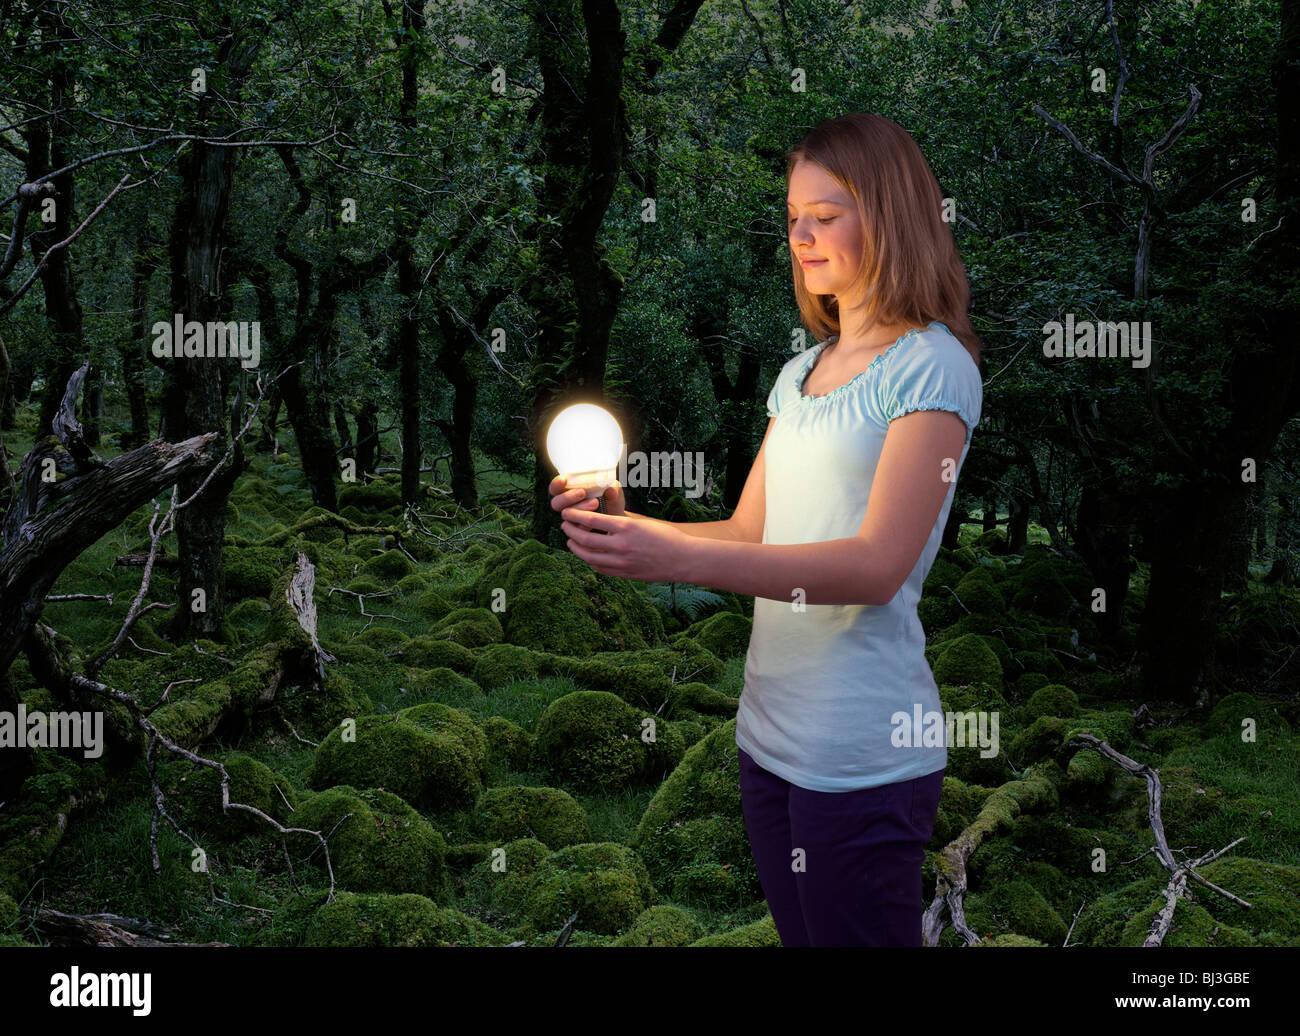 girl with energy saving light bulb - Stock Image